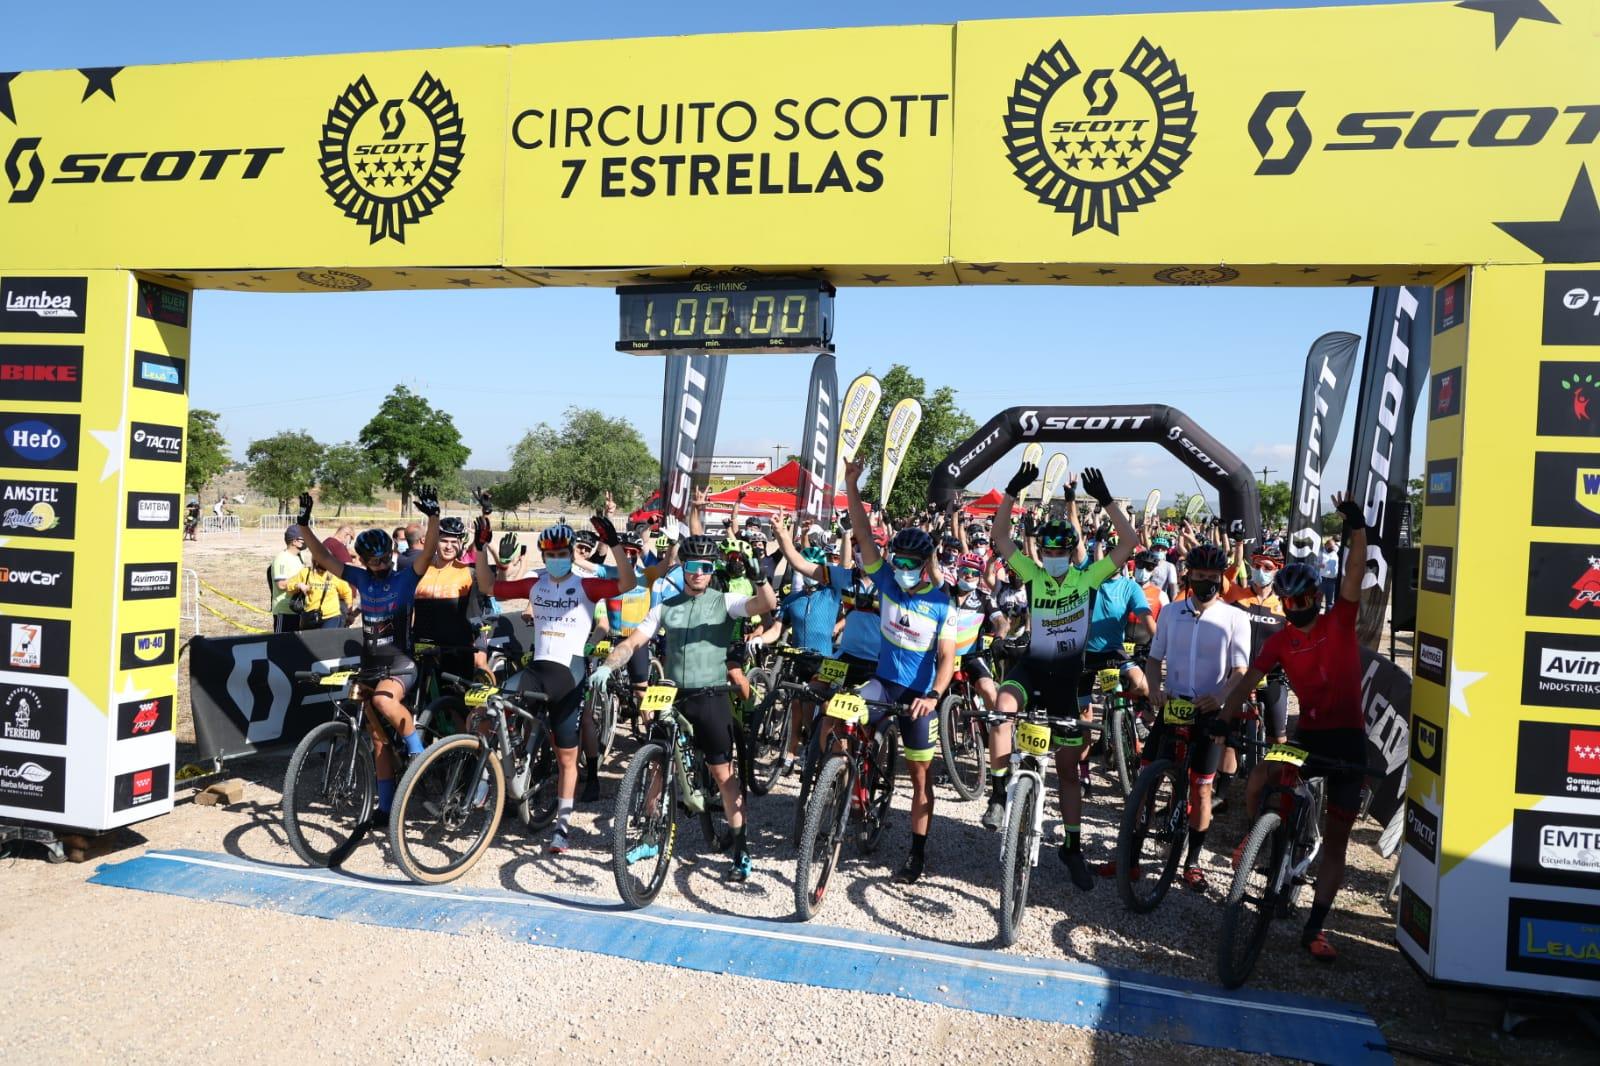 El Circuito Scott 7 Estrellas arrasó en Chinchón